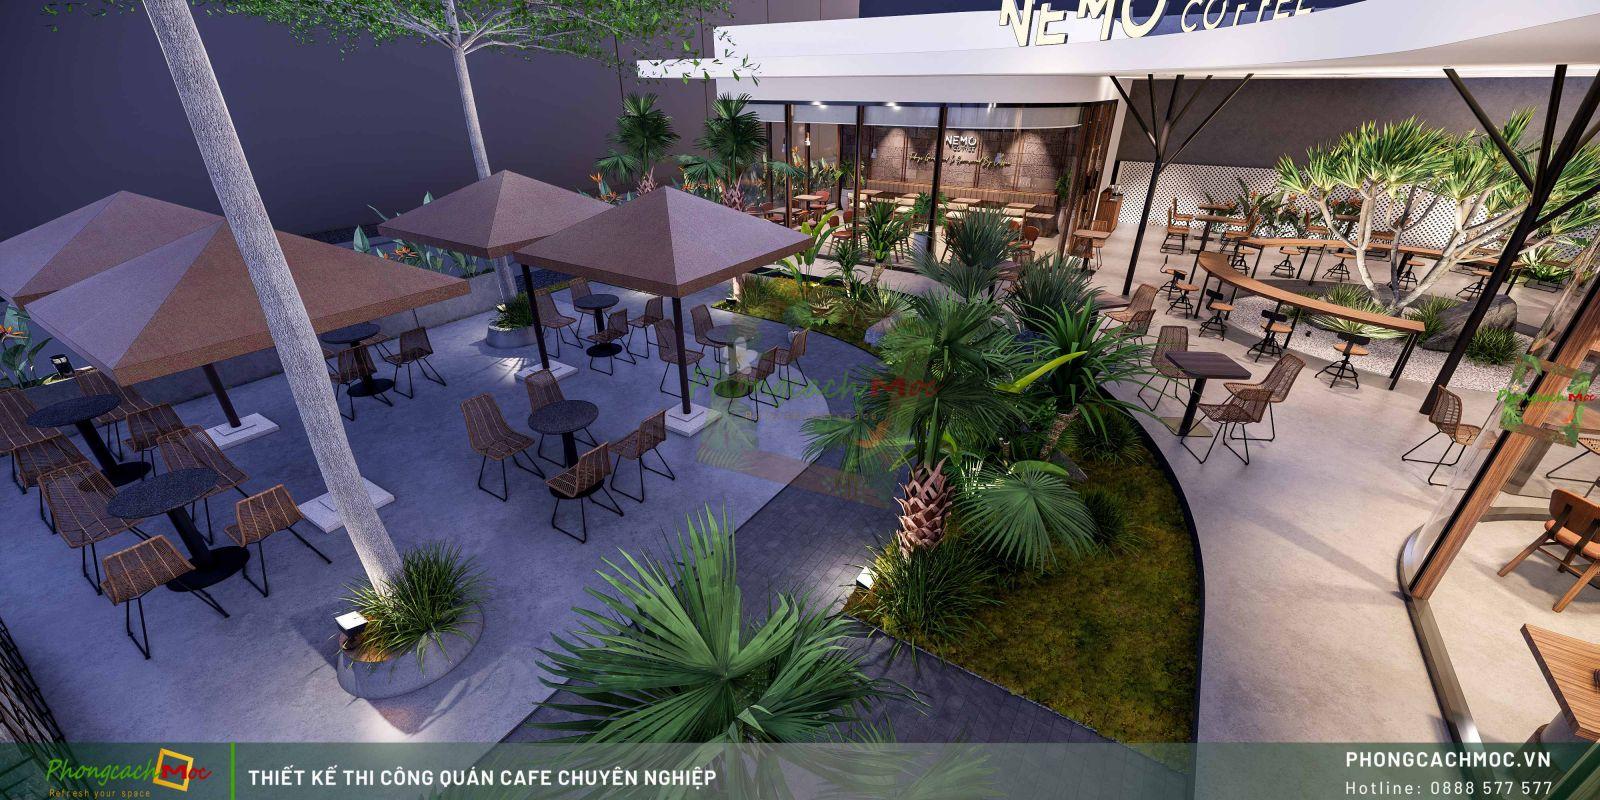 Thiết kế không gian Nemo Coffee